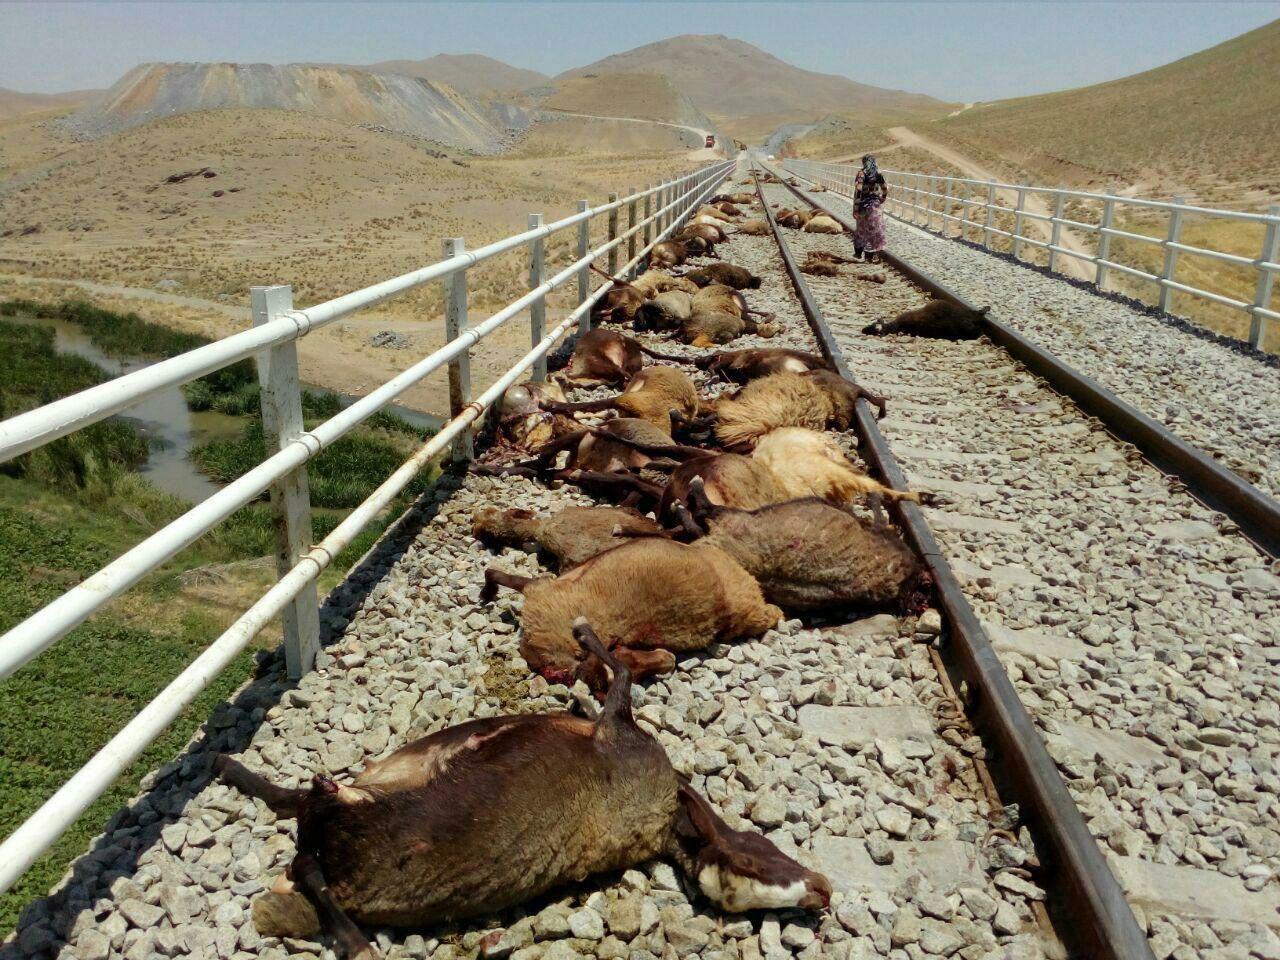 برخورد قطار کرمانشاه مشهد با گله گوسفندان (عکس)